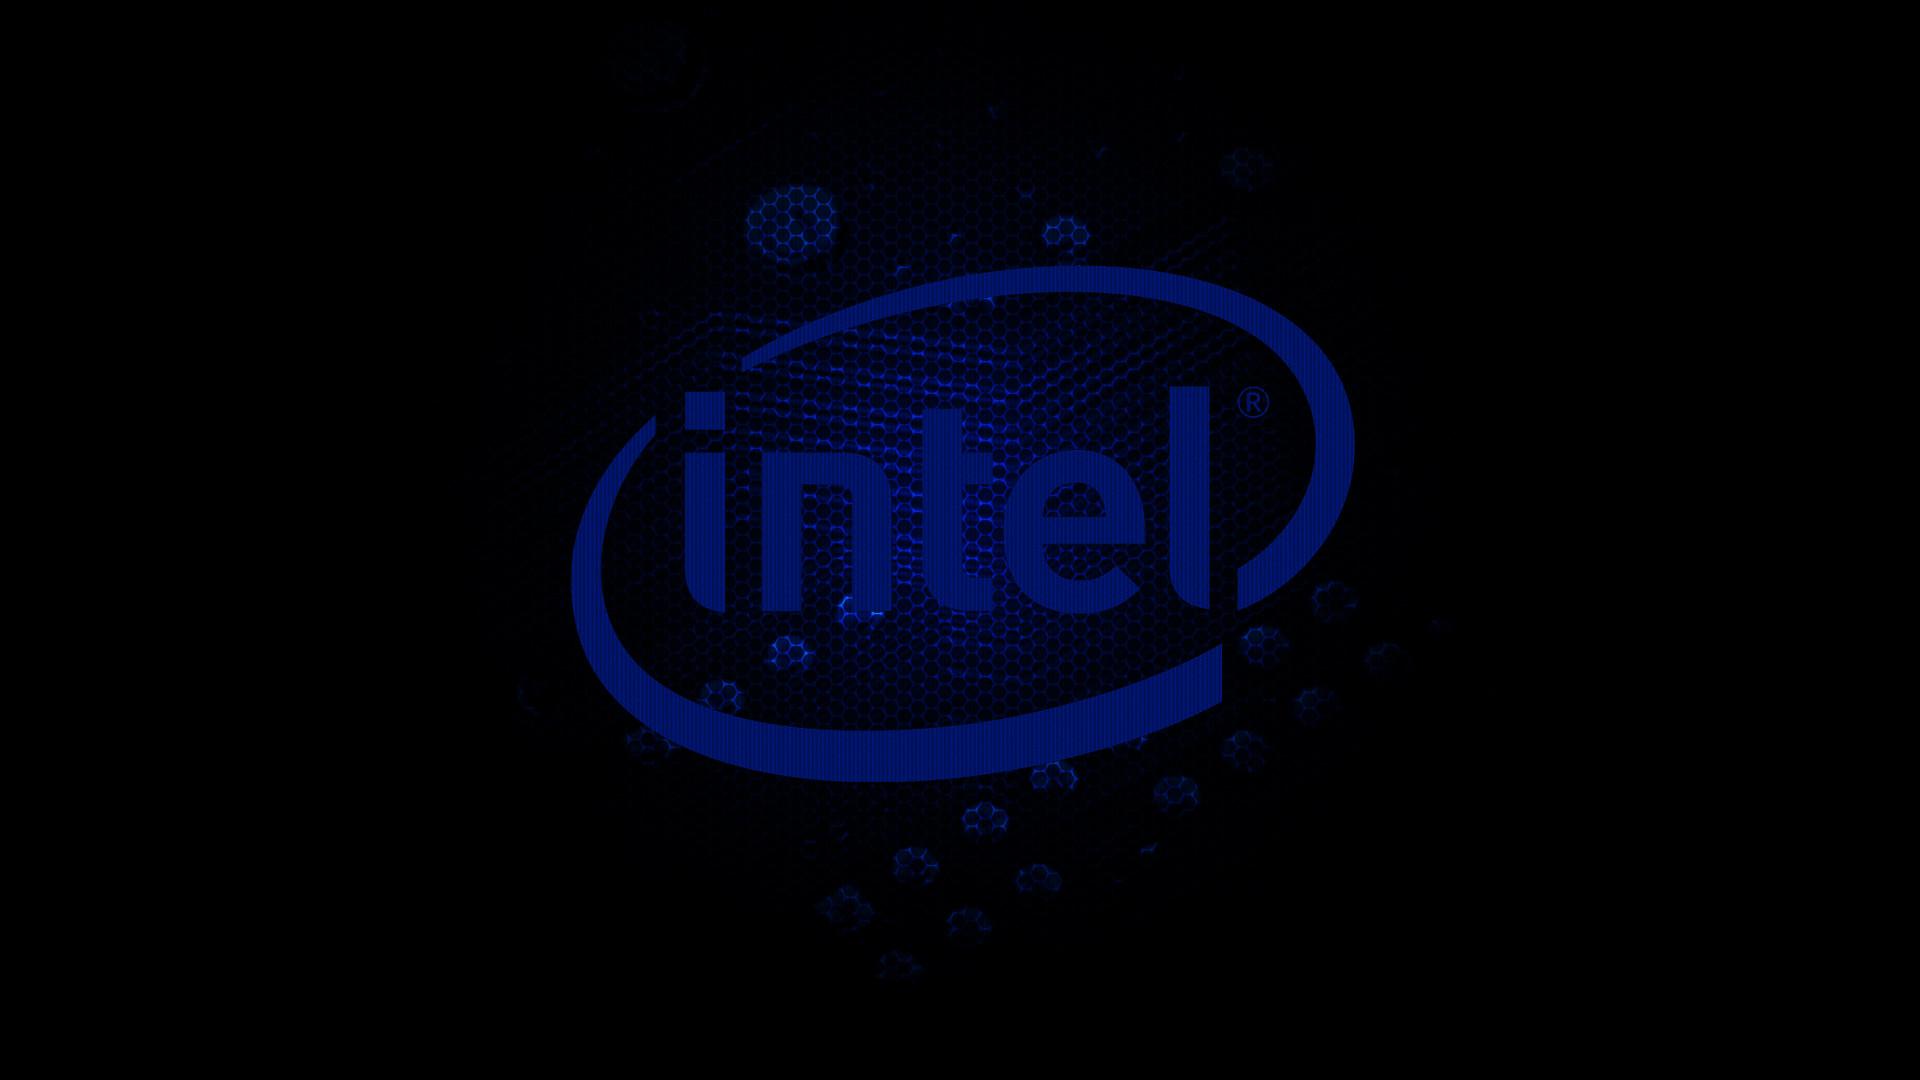 Res: 1920x1080, Cool Intel Wallpaper 45408